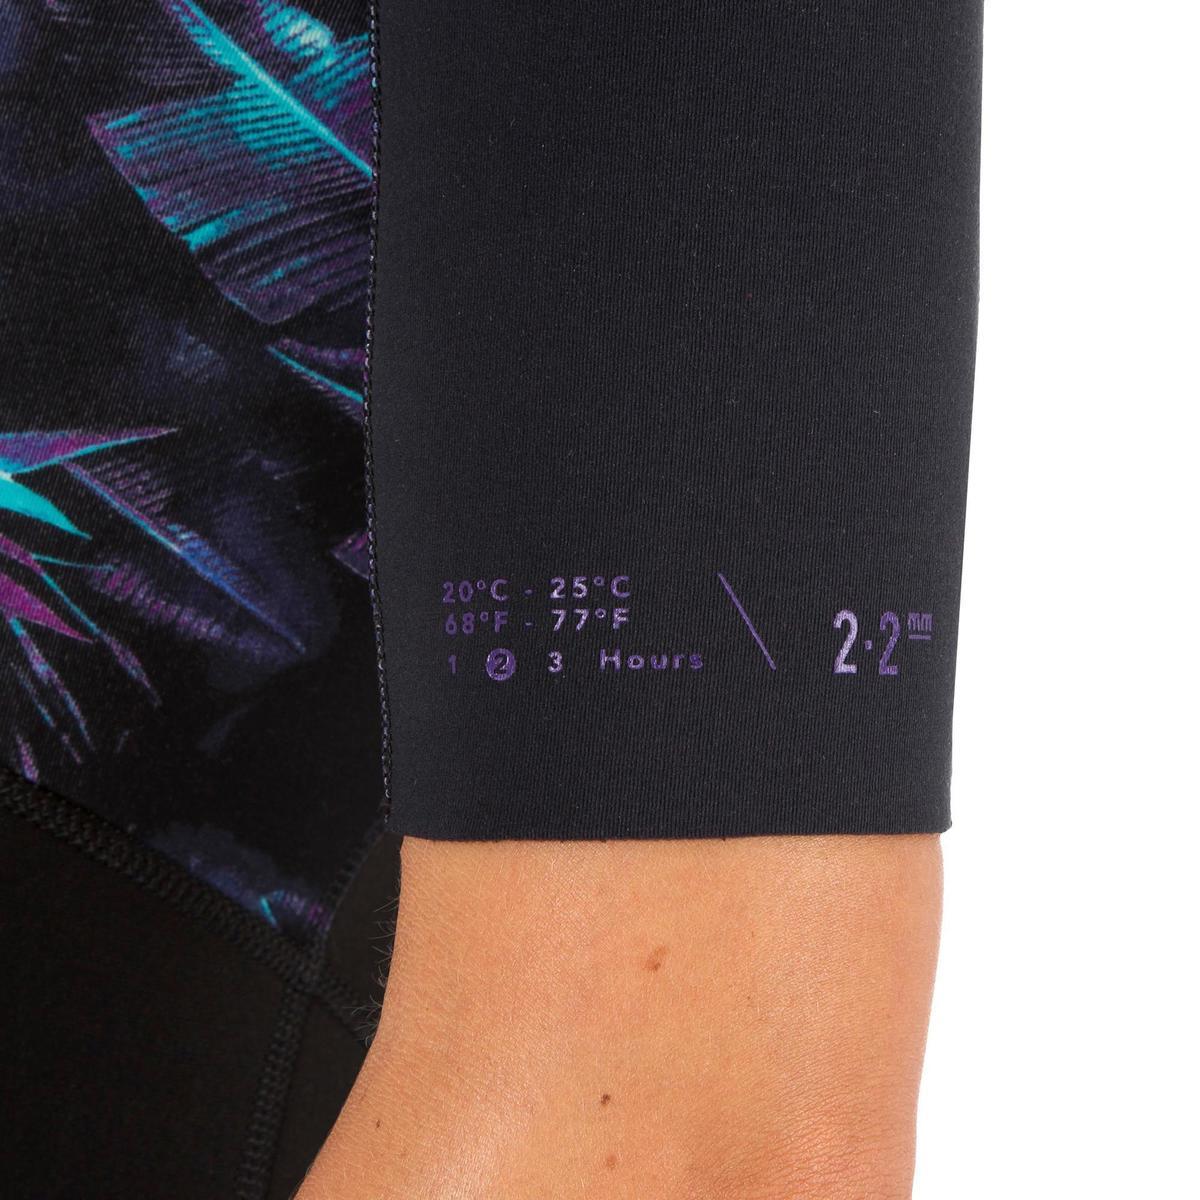 Bild 5 von Neoprenanzug Shorty Surfen 500 Stretch Neopren 2 mm Damen schwarz bedruckt